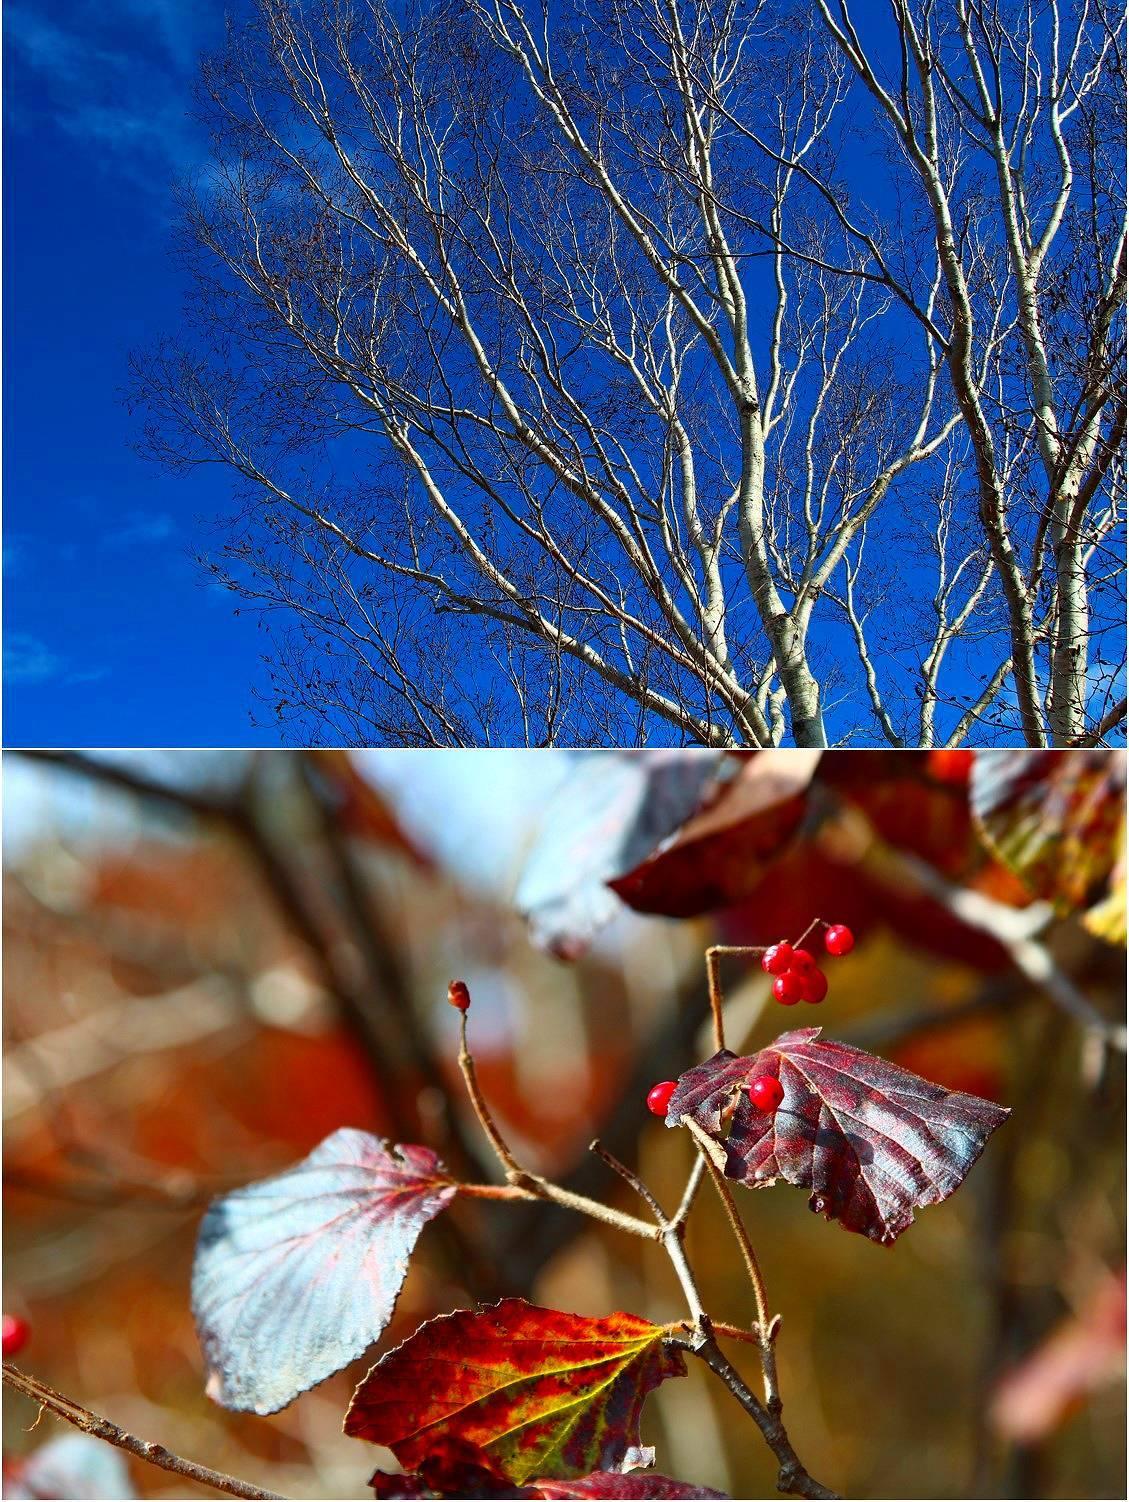 秋のピクニック_a0107981_08574048.jpg